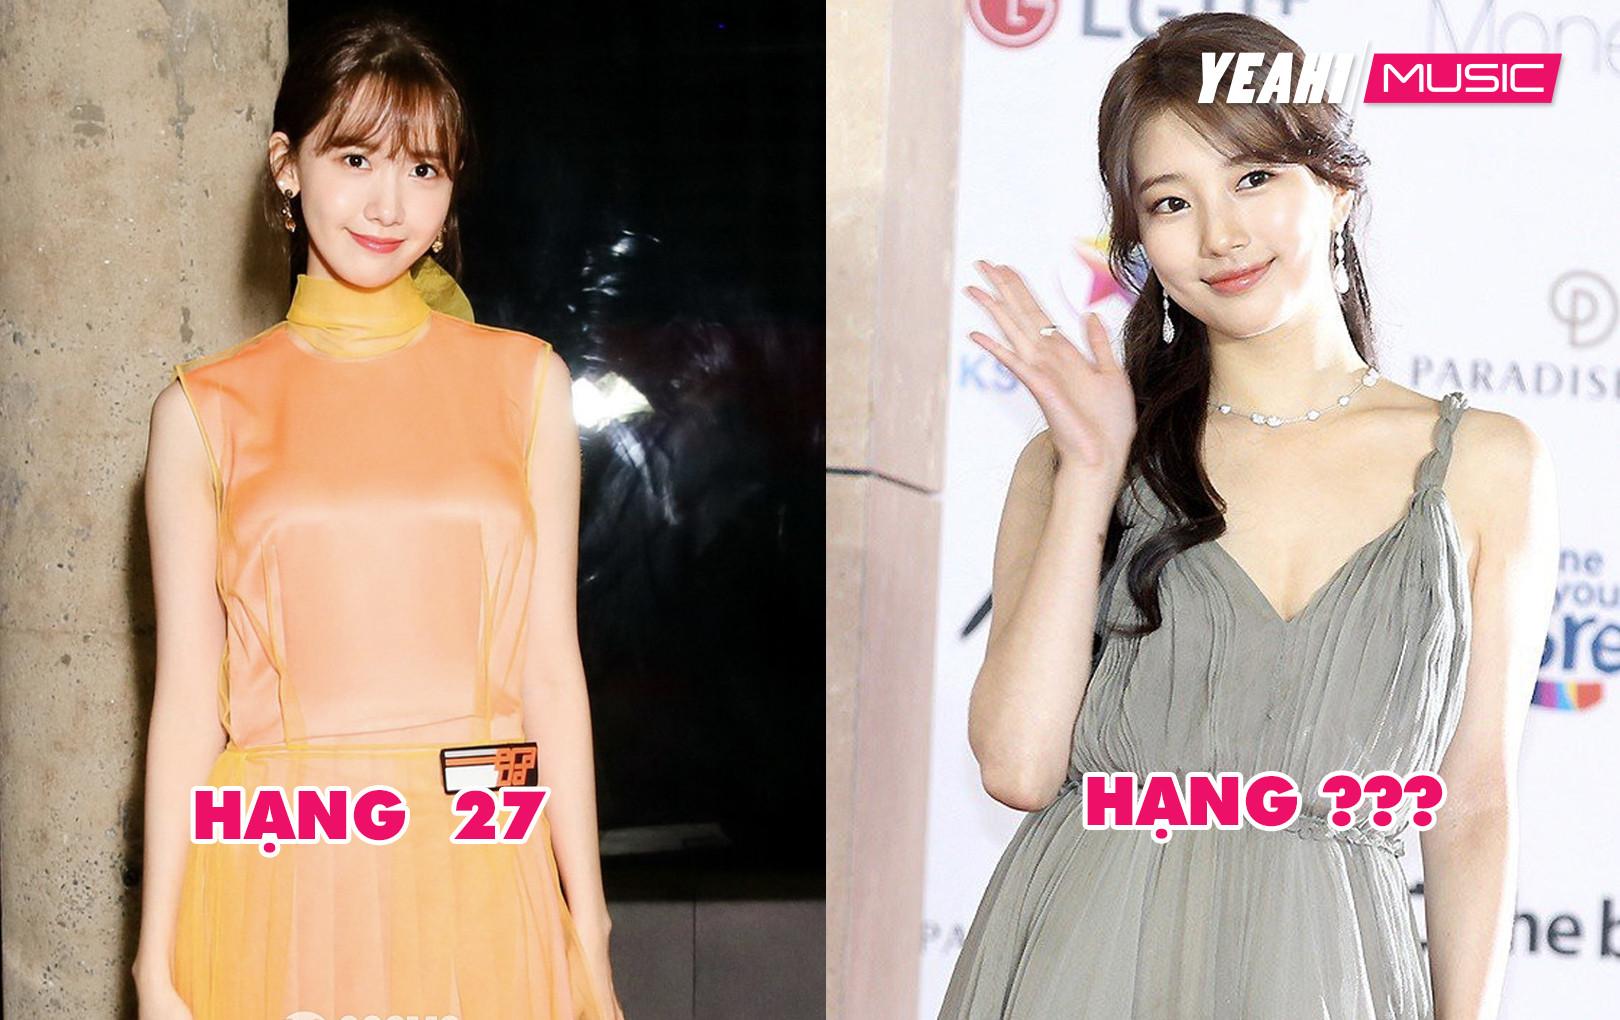 """Top 30 sao Hàn có """"Vẻ Đẹp Thế Kỷ"""": Yoona thất thế trước Suzy, hạng 1 là mỹ nhân tường thành"""